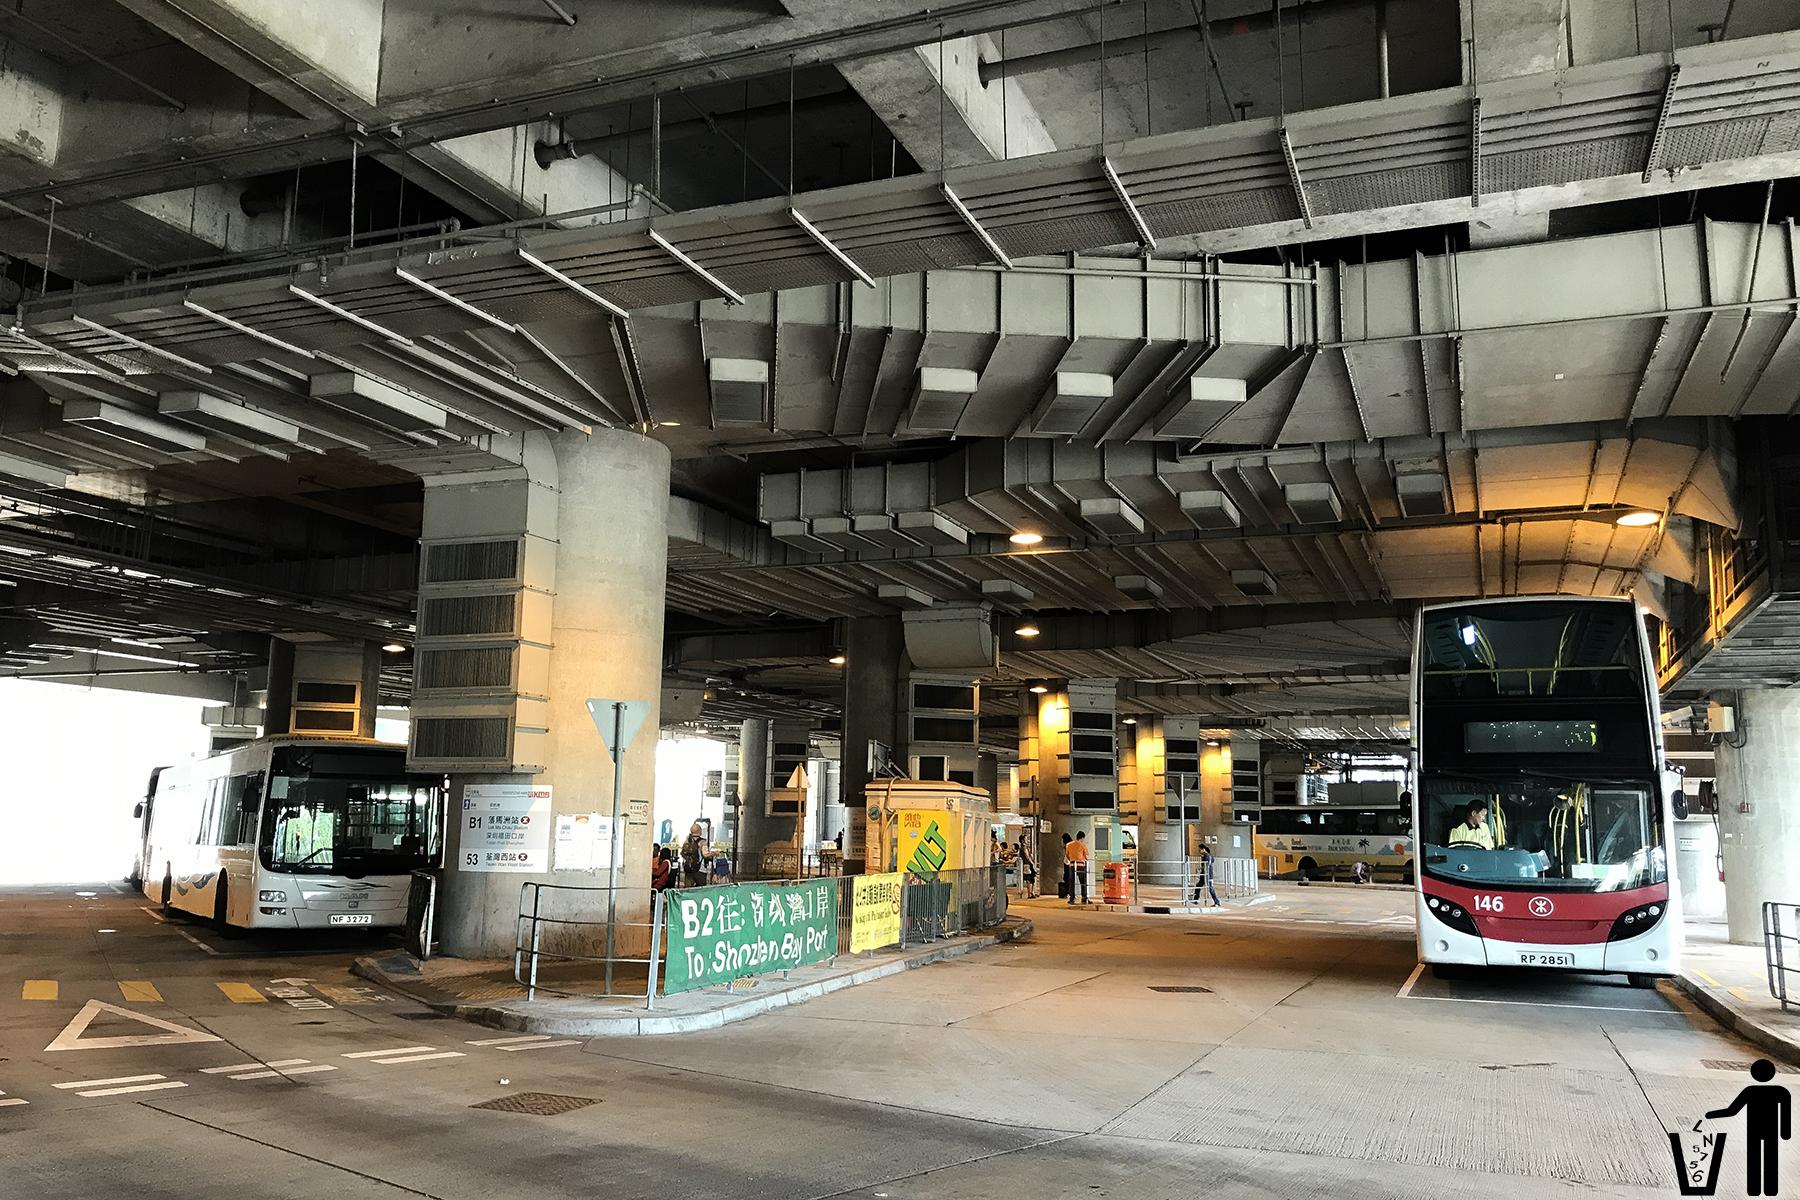 元朗站公共運輸交匯處